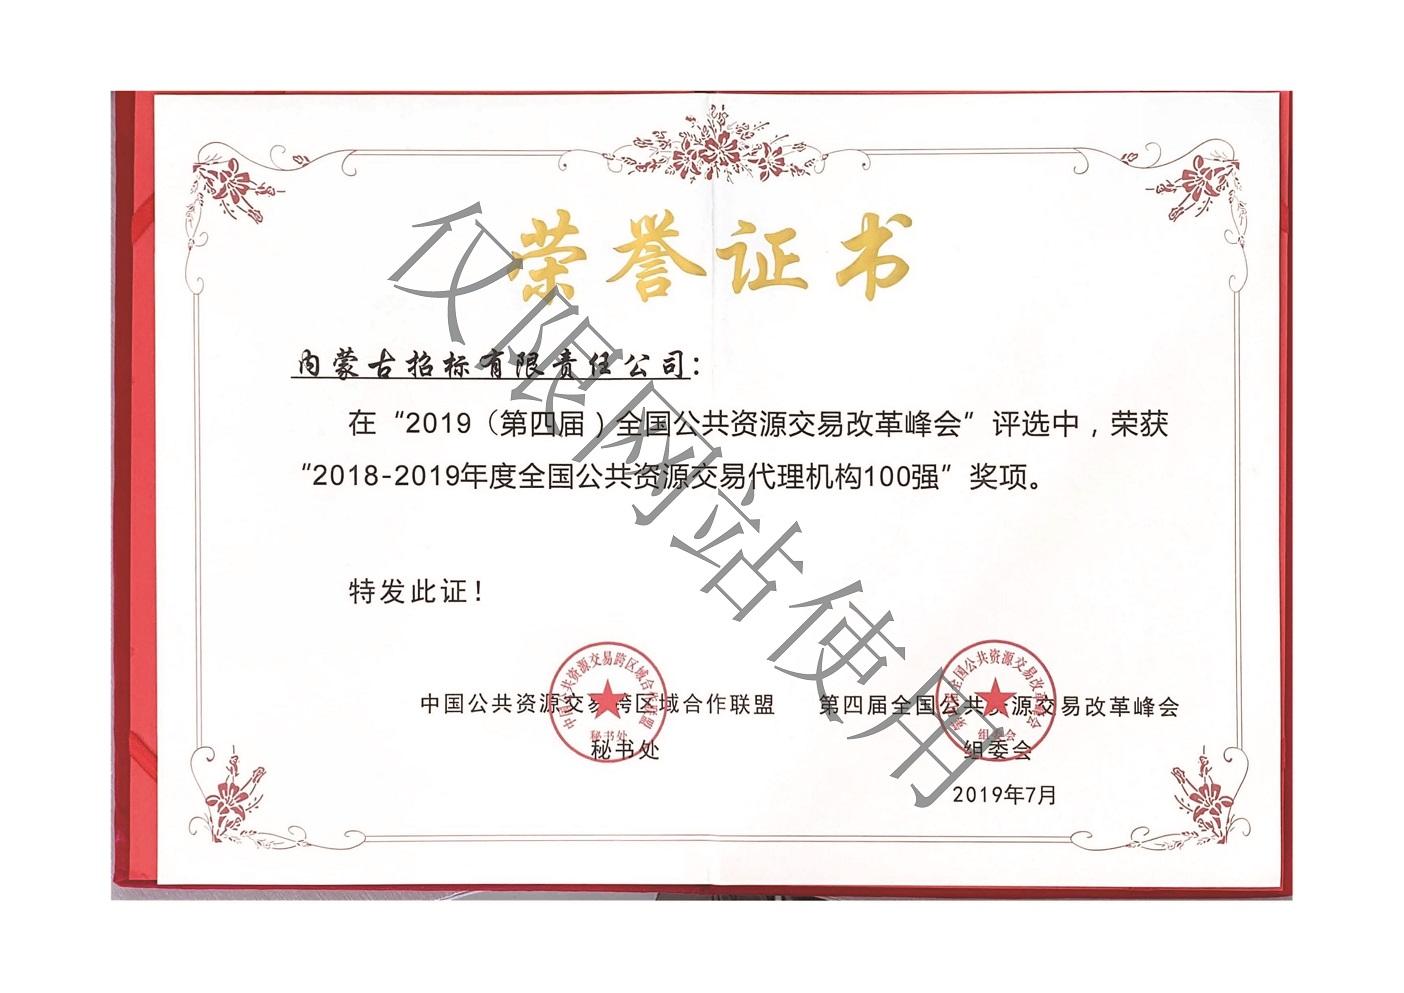 2018-2019年全国公共资源交易代理机构100强副ben